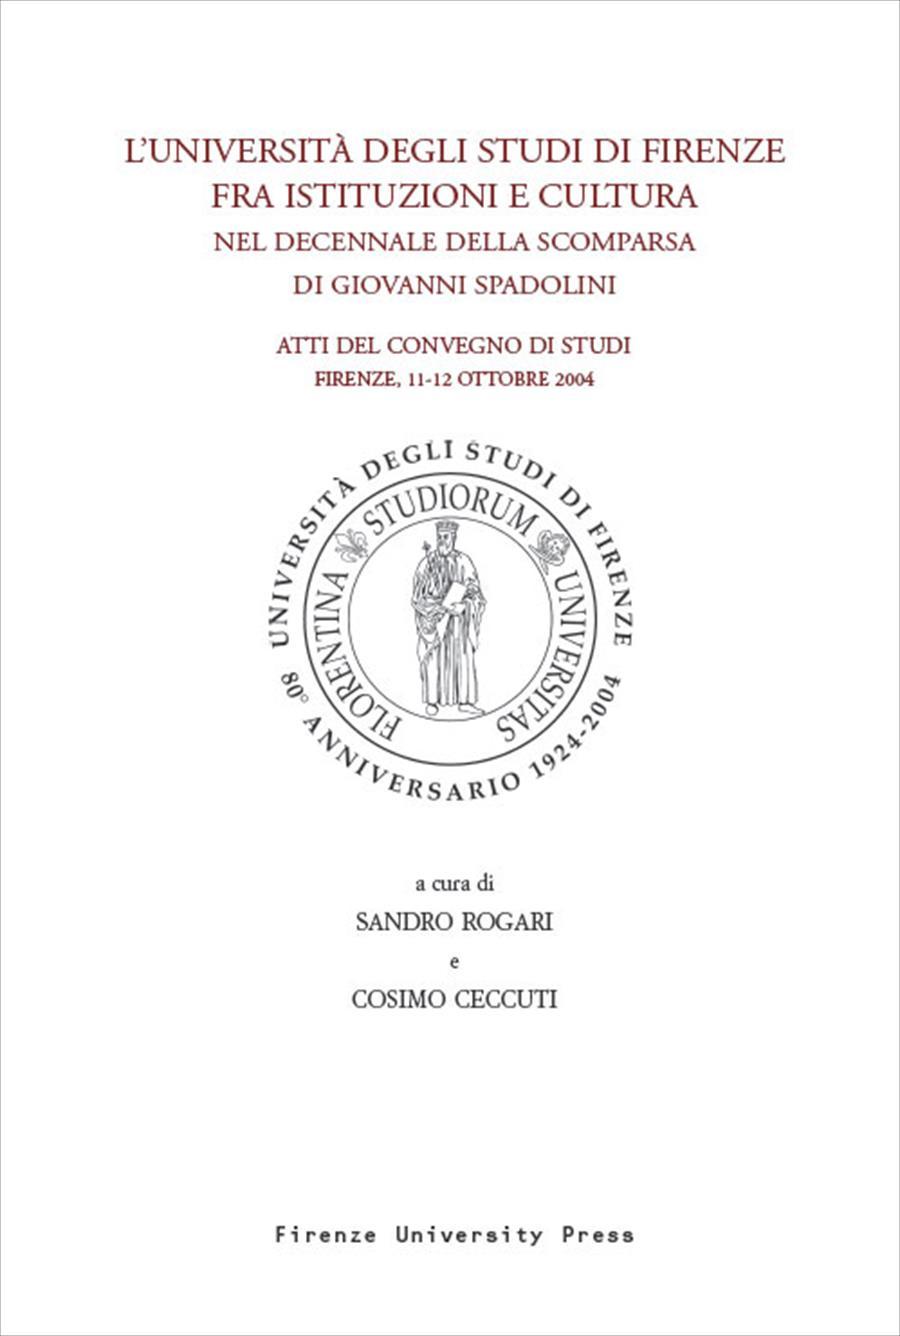 L'Università degli Studi di Firenze fra istituzioni e cultura nel decennale della scomparsa di Giovanni Spadolini